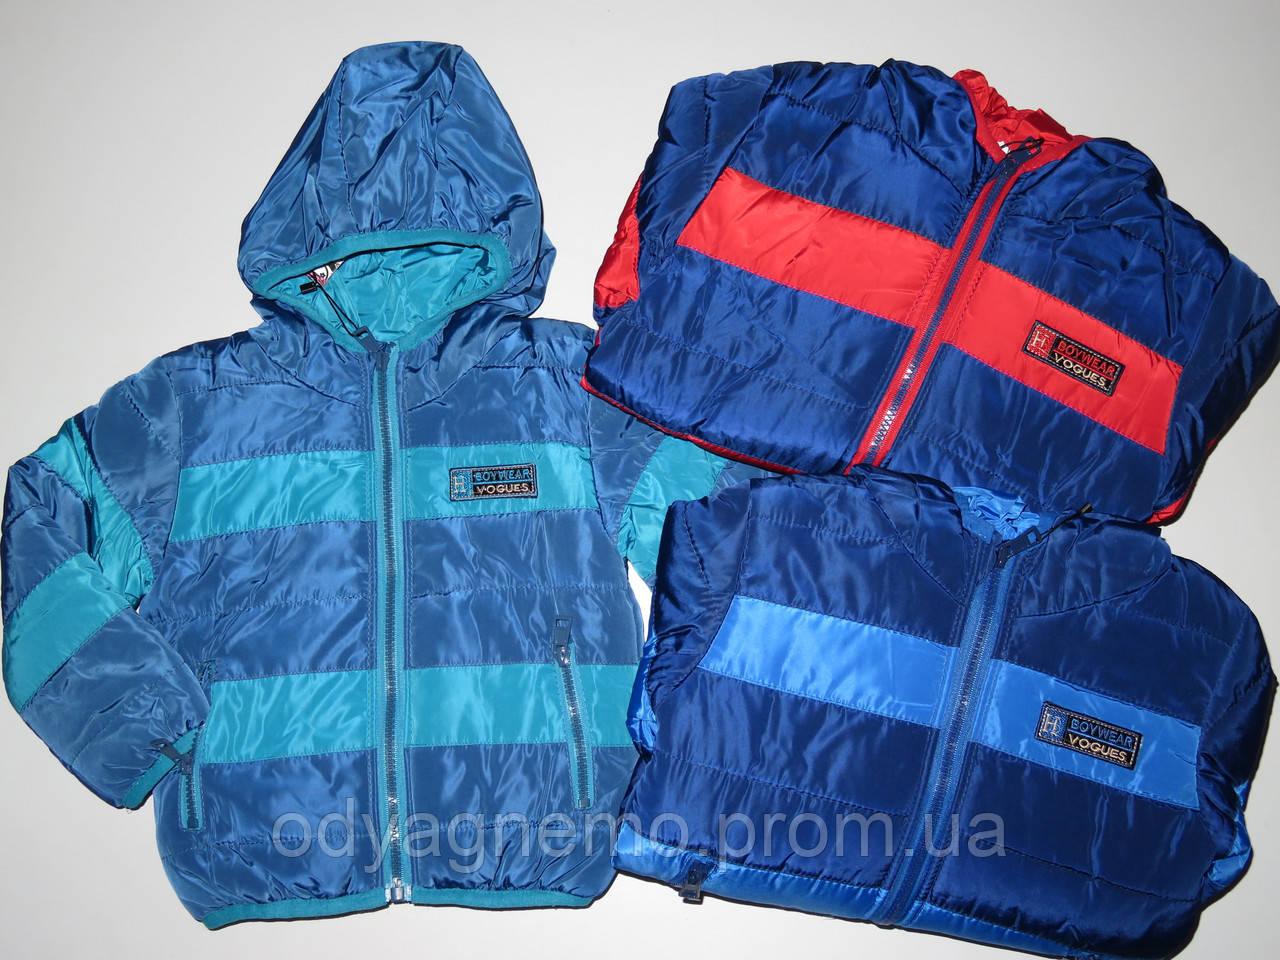 Курточка демисезонная на меховой подкладке для мальчиков Cross Fire оптом, 1-5 лет.